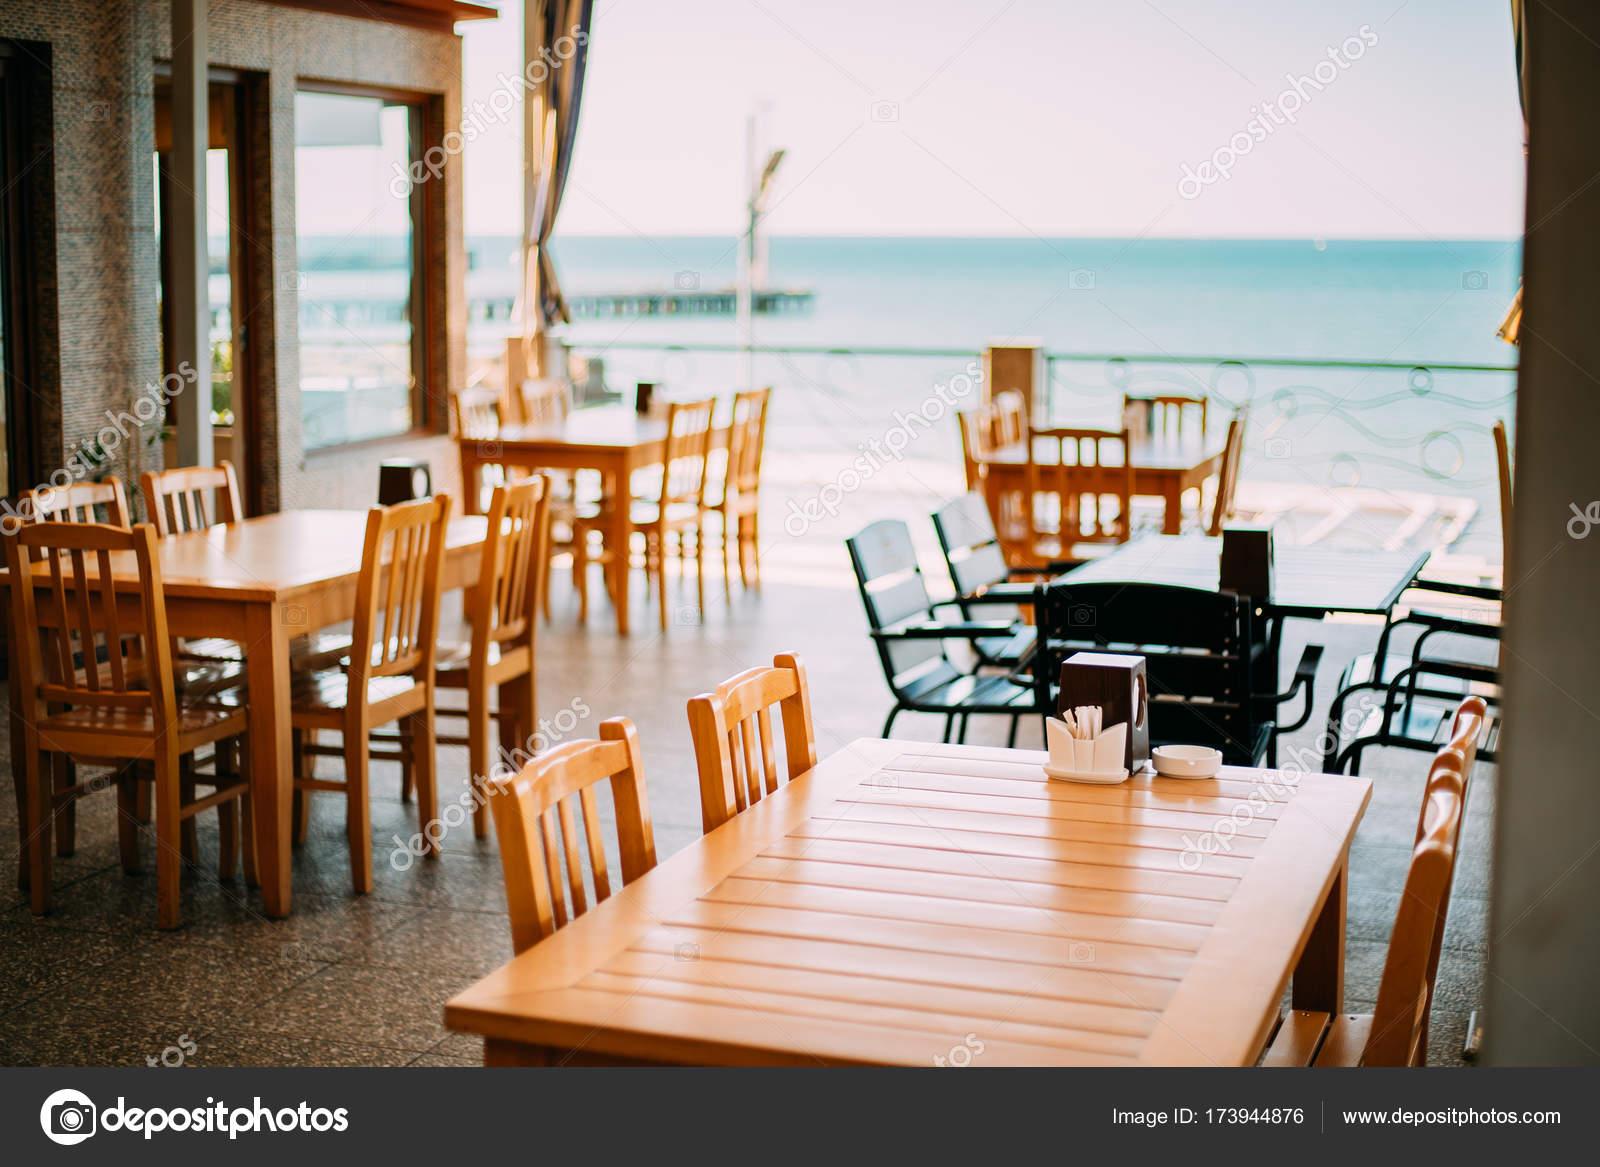 Gemutliche Einrichtung Der Sommer Meer Cafe Stockfoto C Ryhor